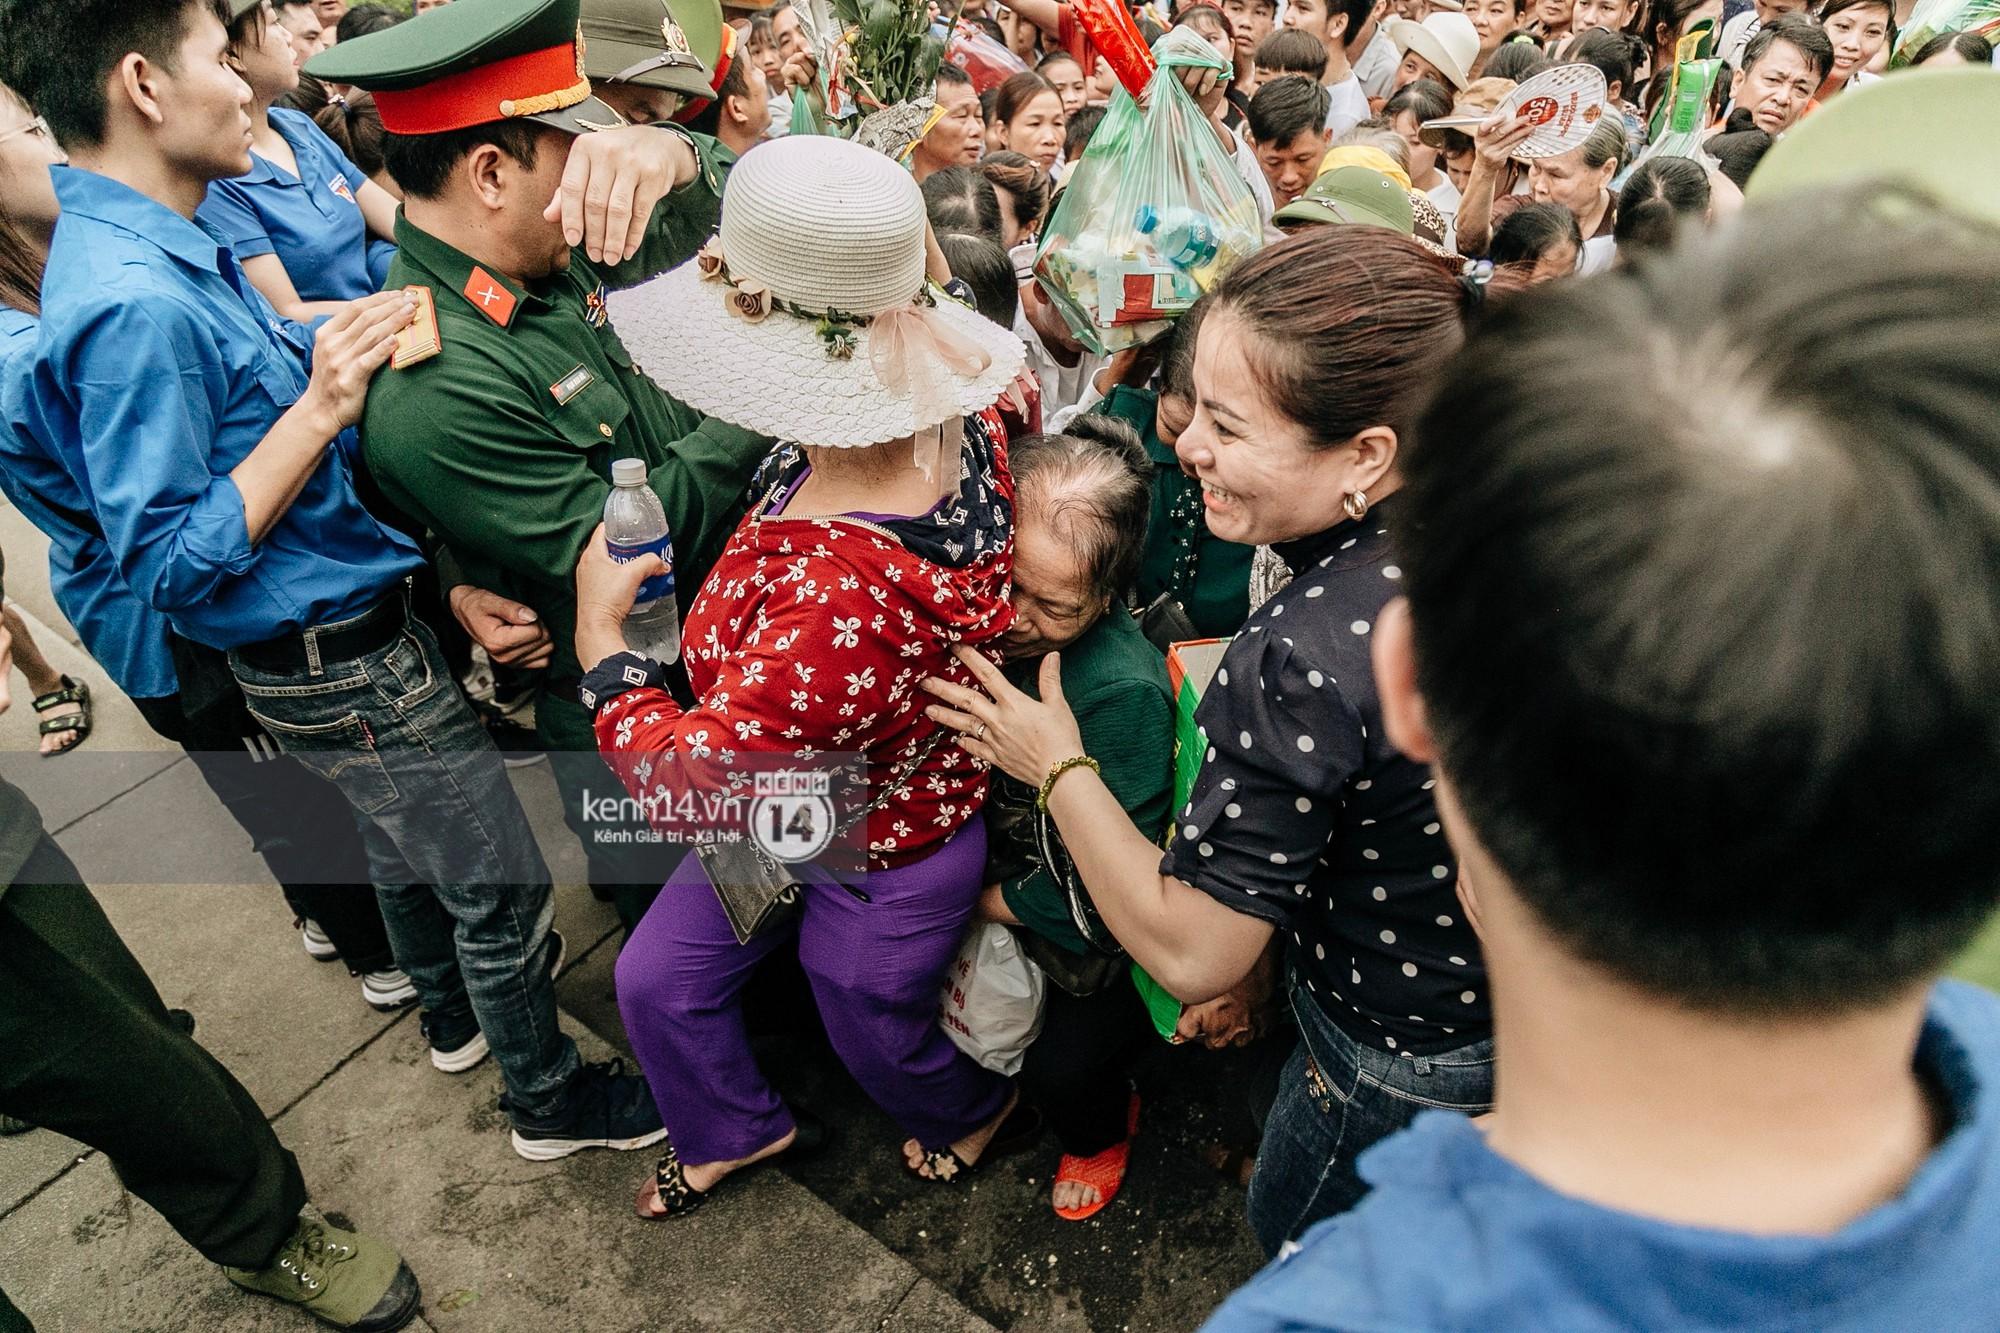 Nhìn lại những khoảnh khắc ấn tượng 2 ngày chính hội ở đền Hùng dịp giỗ Tổ Hùng Vương 2019 - Ảnh 7.